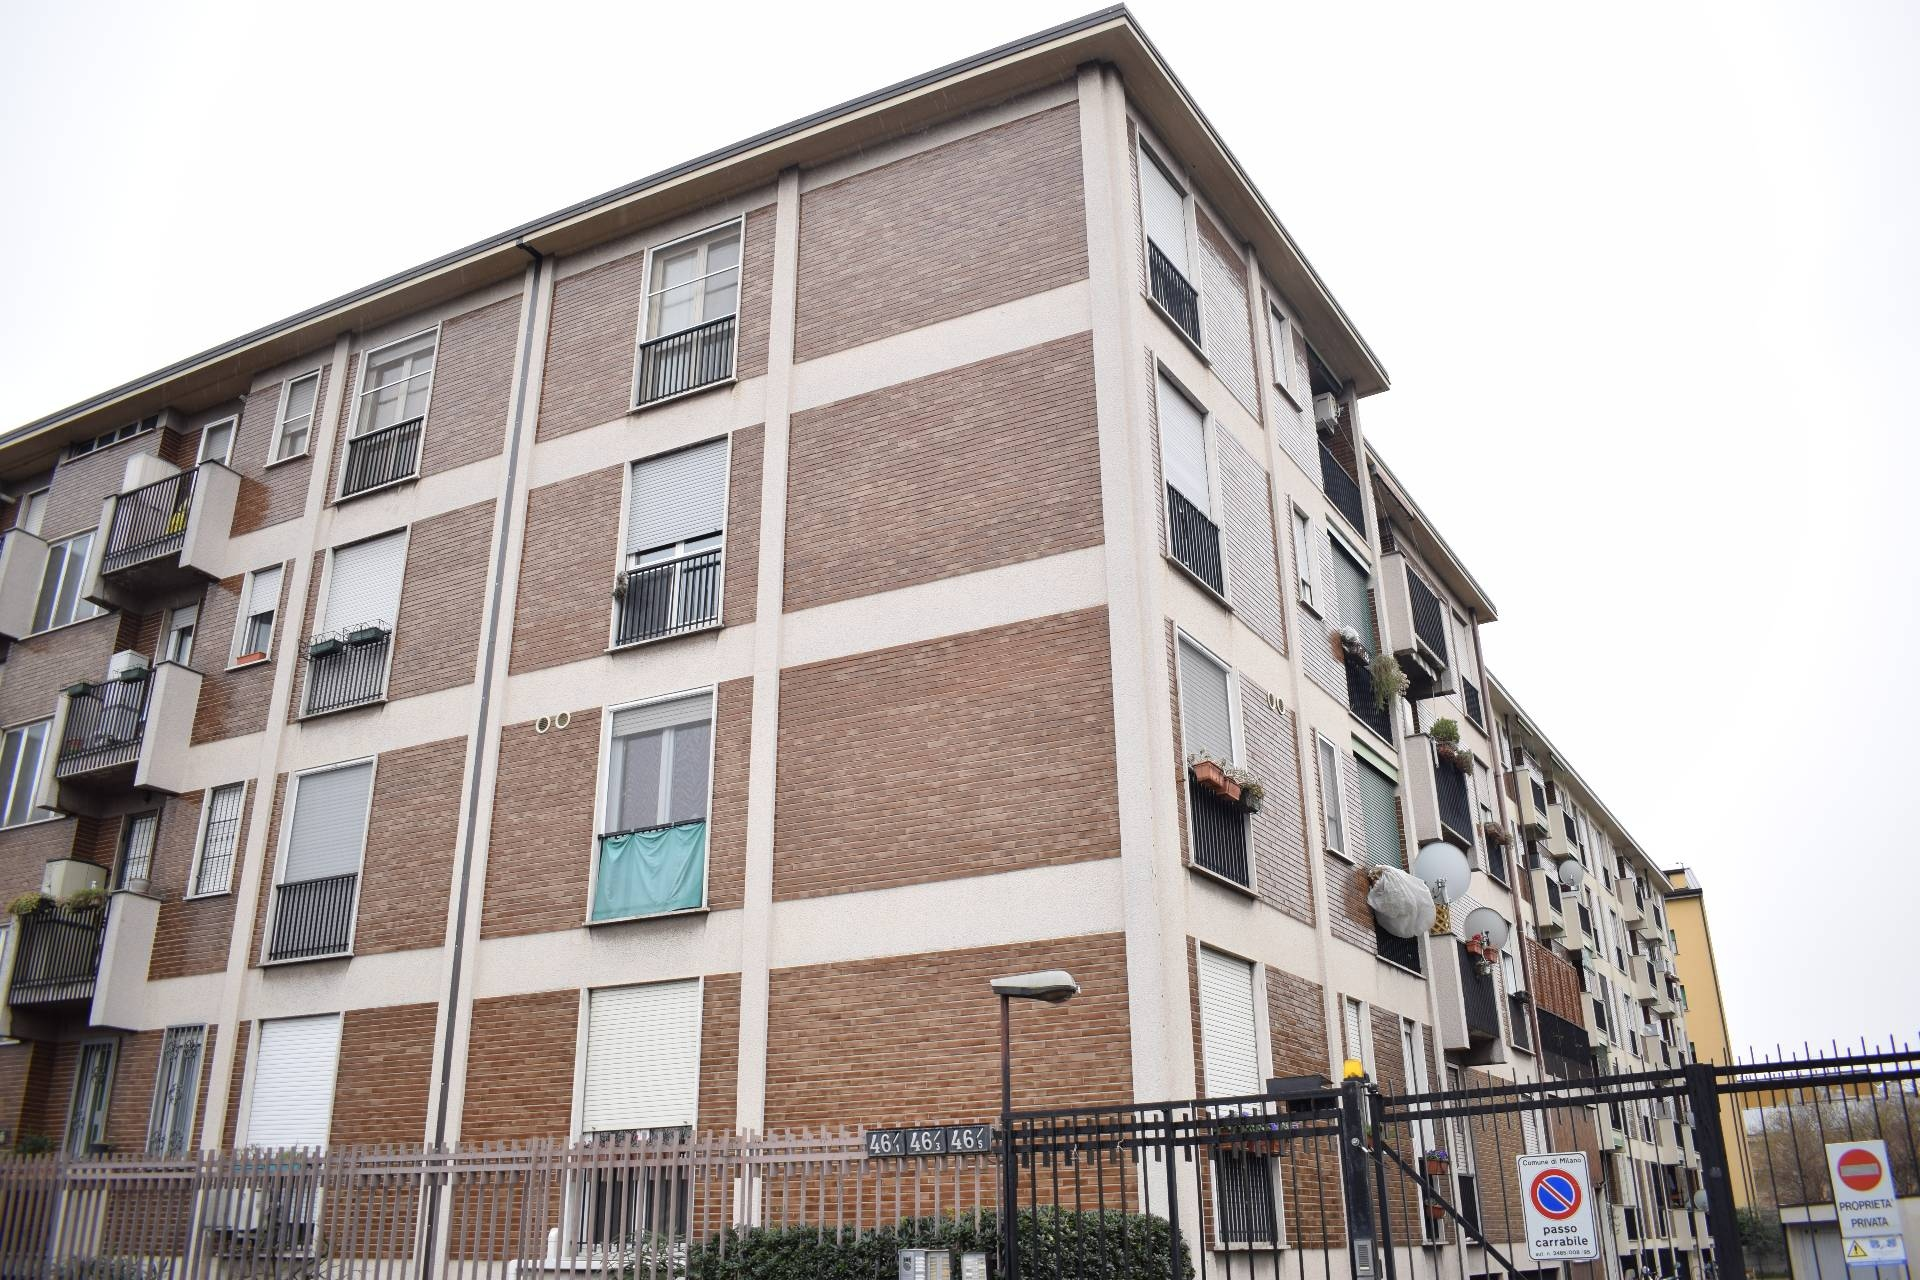 Agenzia immobiliare milano precotto for Immobiliare milano